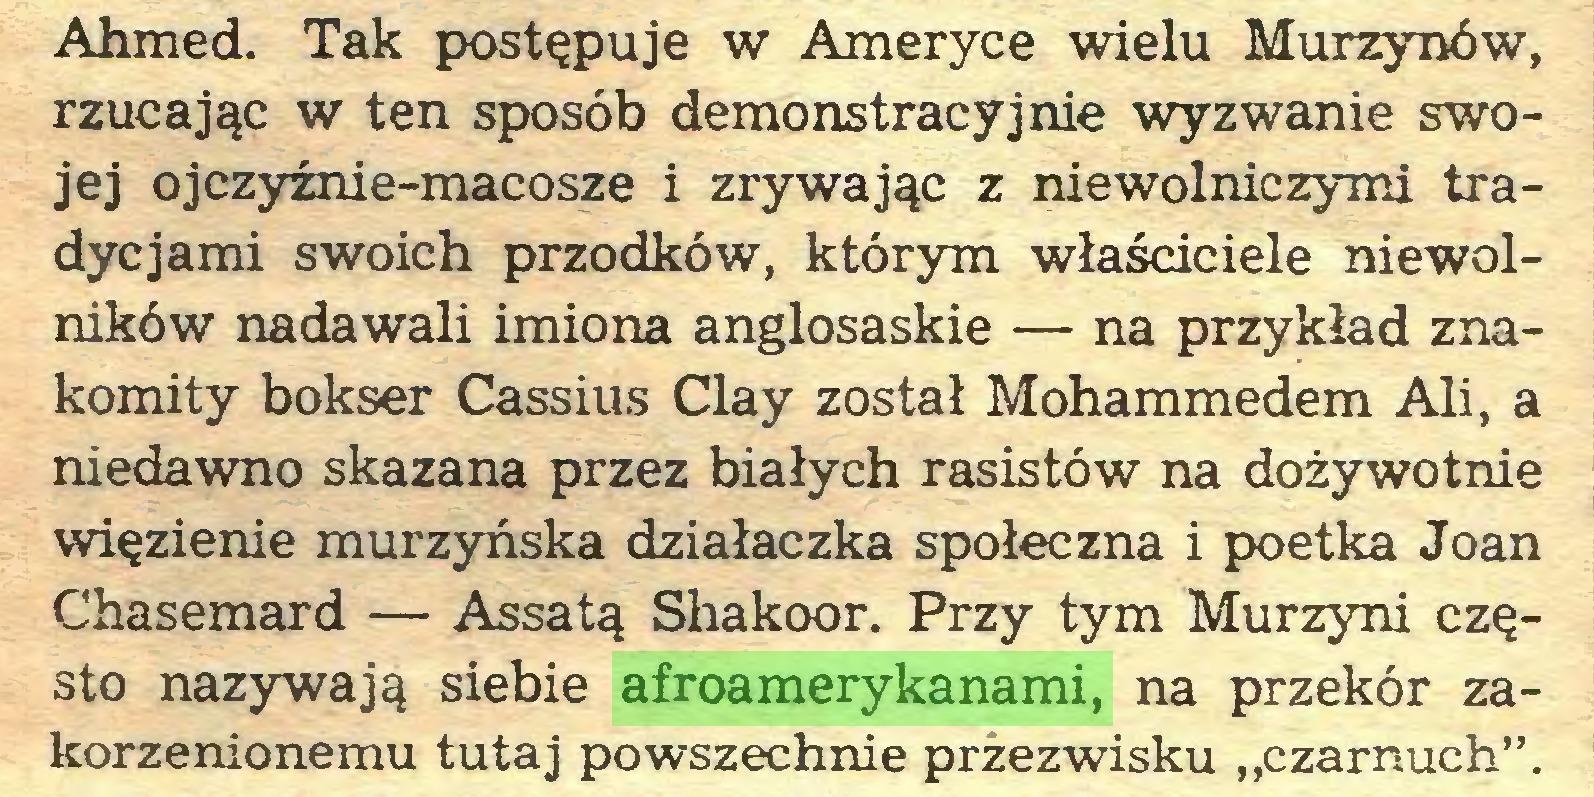 """(...) Ahmed. Tak postępuje w Ameryce wielu Murzynów, rzucając w ten sposób demonstracyjnie wyzwanie swojej ojczyźnie-macosze i zrywając z niewolniczymi tradycjami swoich przodków, którym właściciele niewolników nadawali imiona anglosaskie — na przykład znakomity bokser Cassius Clay został Mohammedem Ali, a niedawno skazana przez białych rasistów na dożywotnie więzienie murzyńska działaczka społeczna i poetka Joan Chasemard — Assatą Shakoor. Przy tym Murzyni często nazywają siebie afroamerykanami, na przekór zakorzenionemu tutaj powszechnie przezwisku """"czarnuch""""..."""